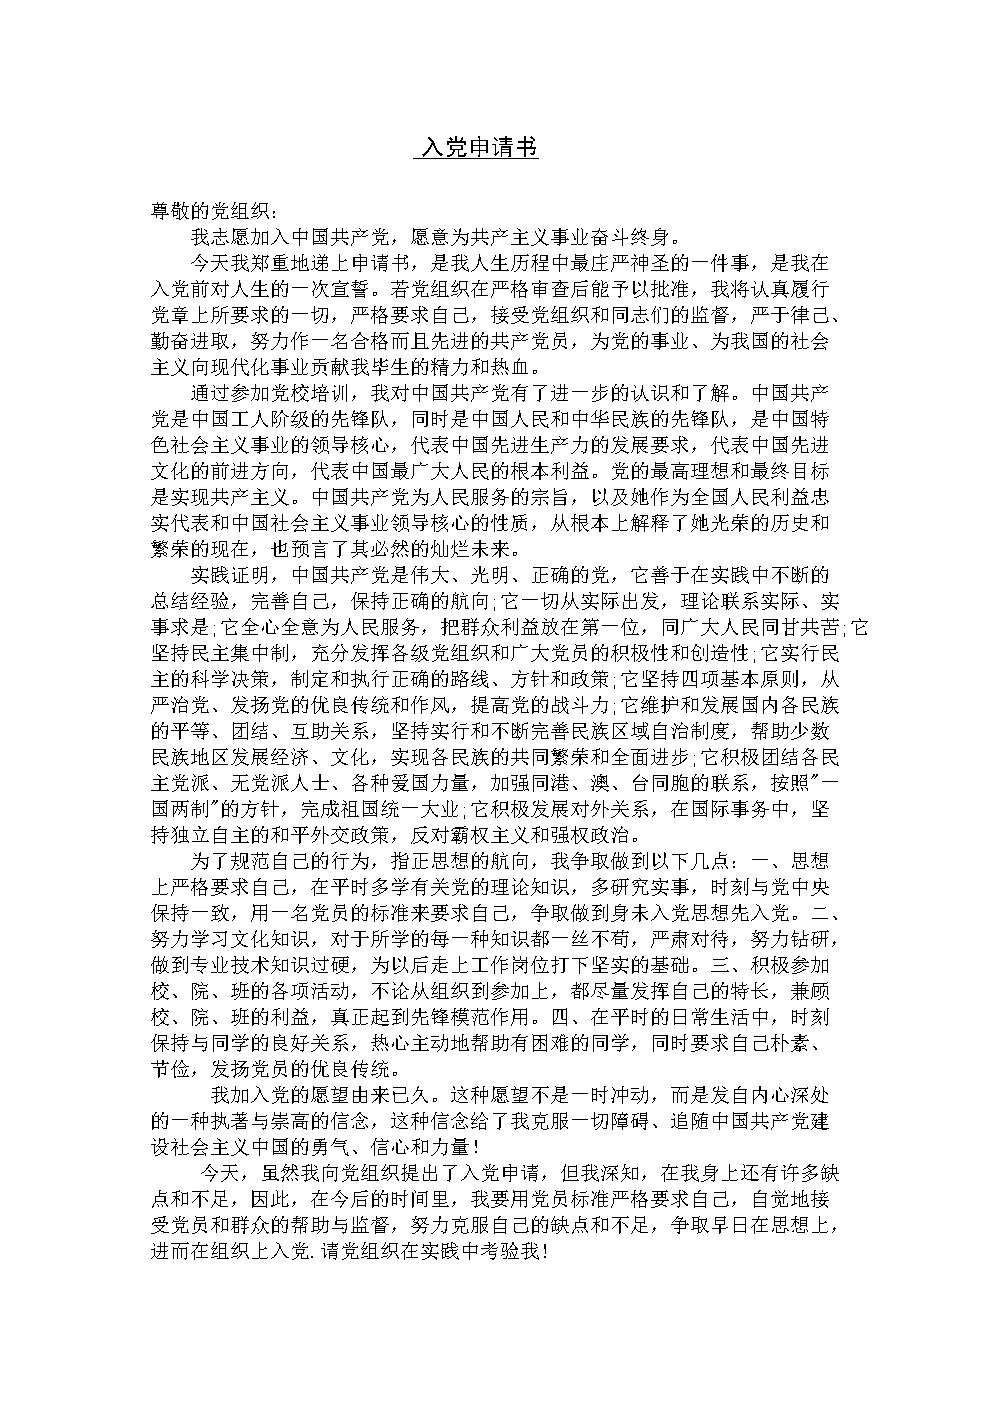 入党申请书精简完美版.doc